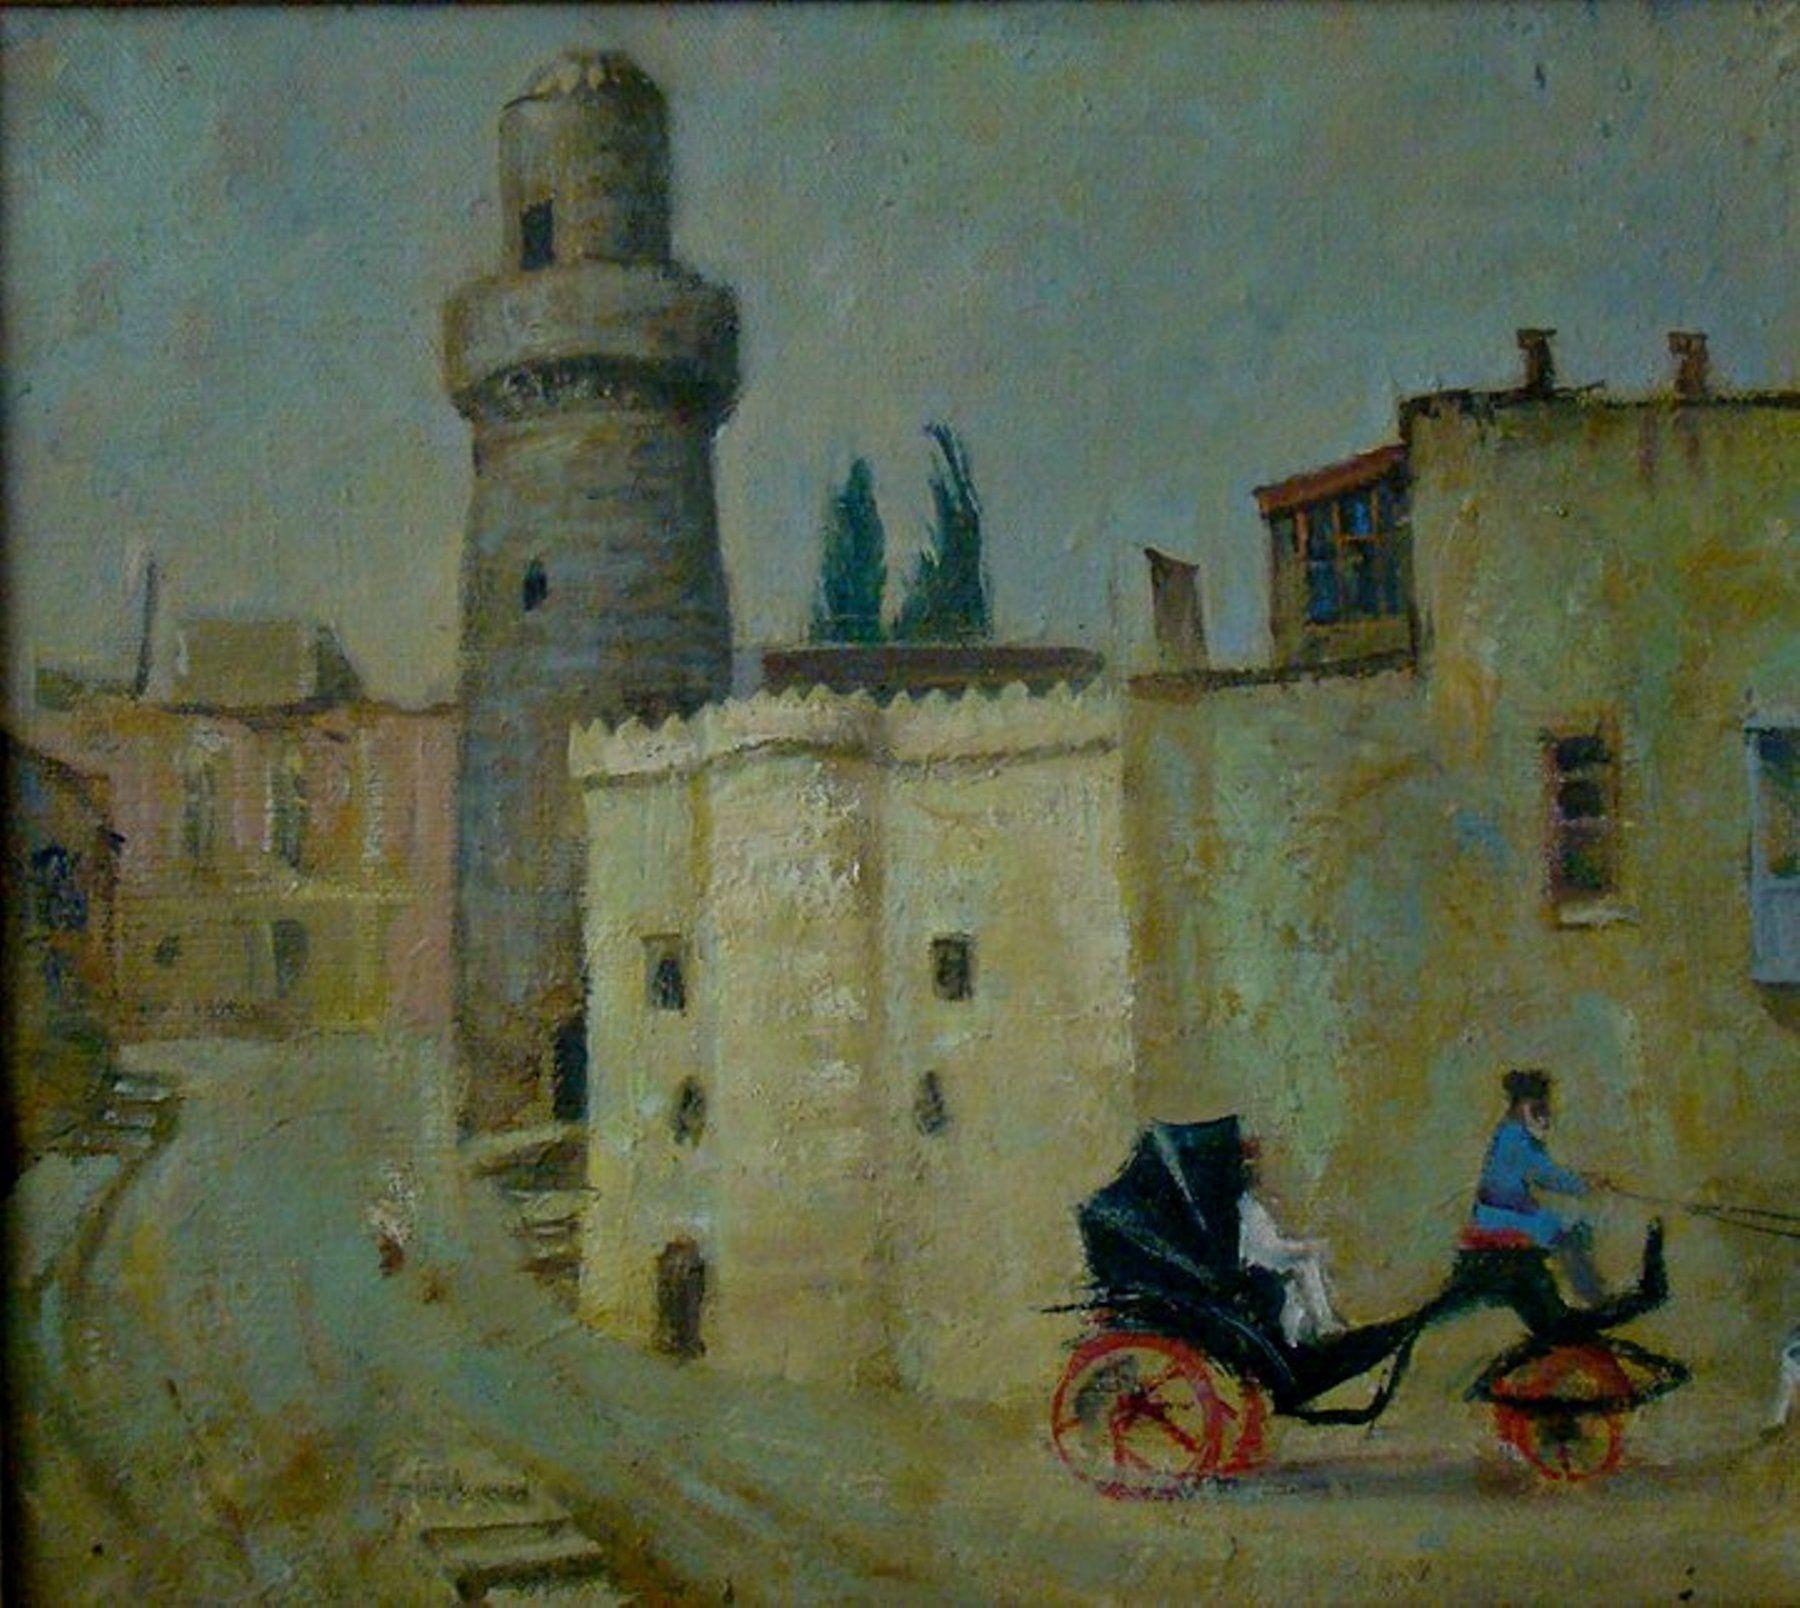 Muəllif Anver Aliyev Kətan Yagli Boya Kohnə Səhər Artist Painting Art Artist